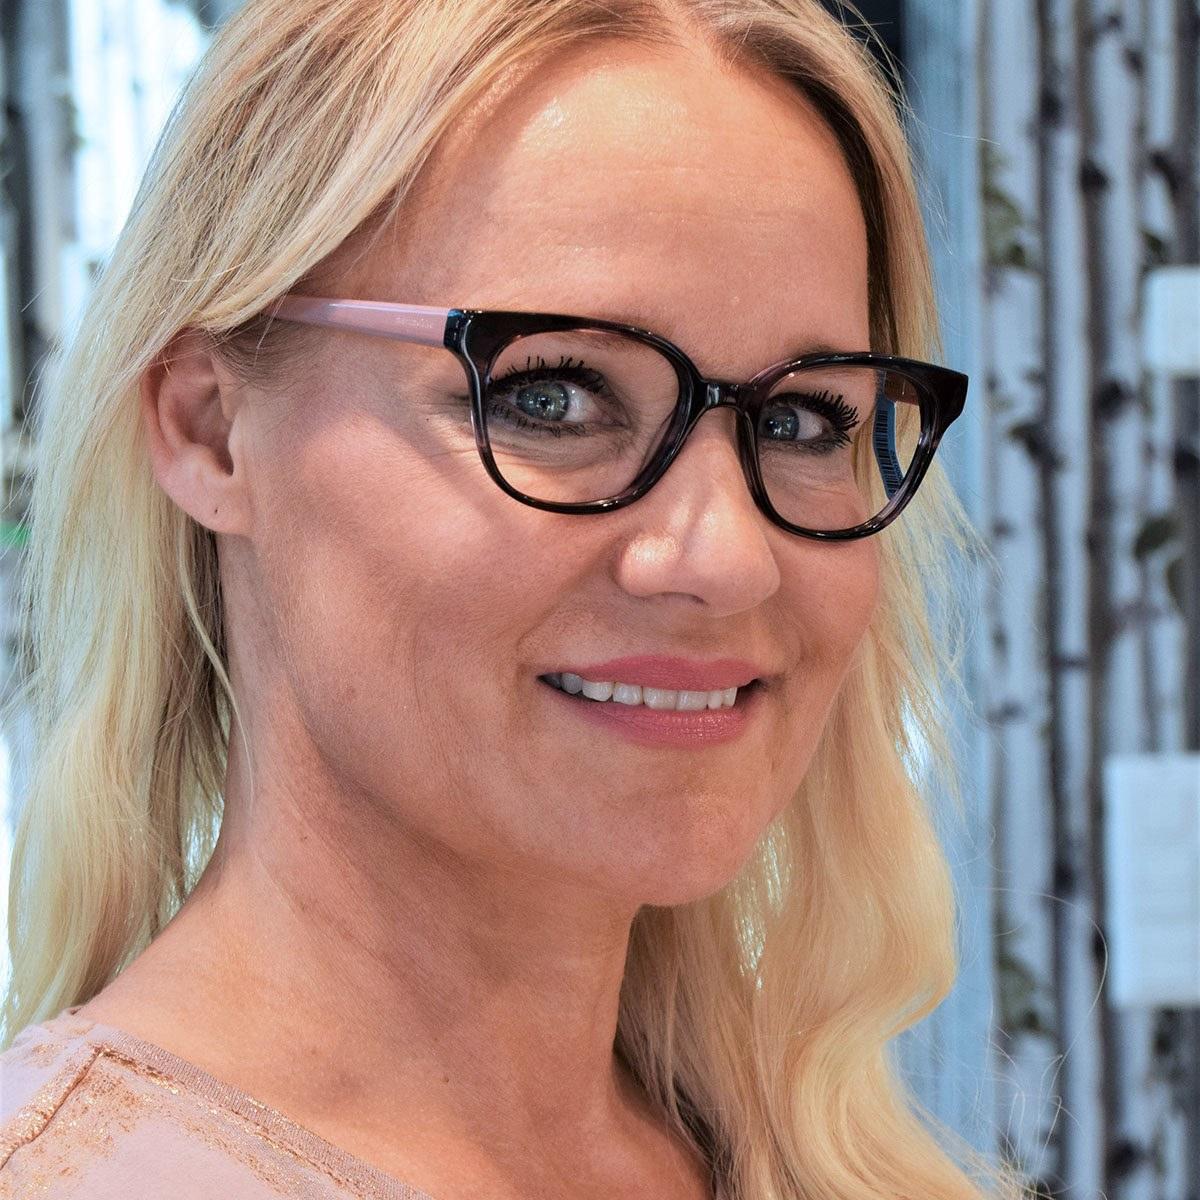 Frau lachelnd mit Brille close-up 2